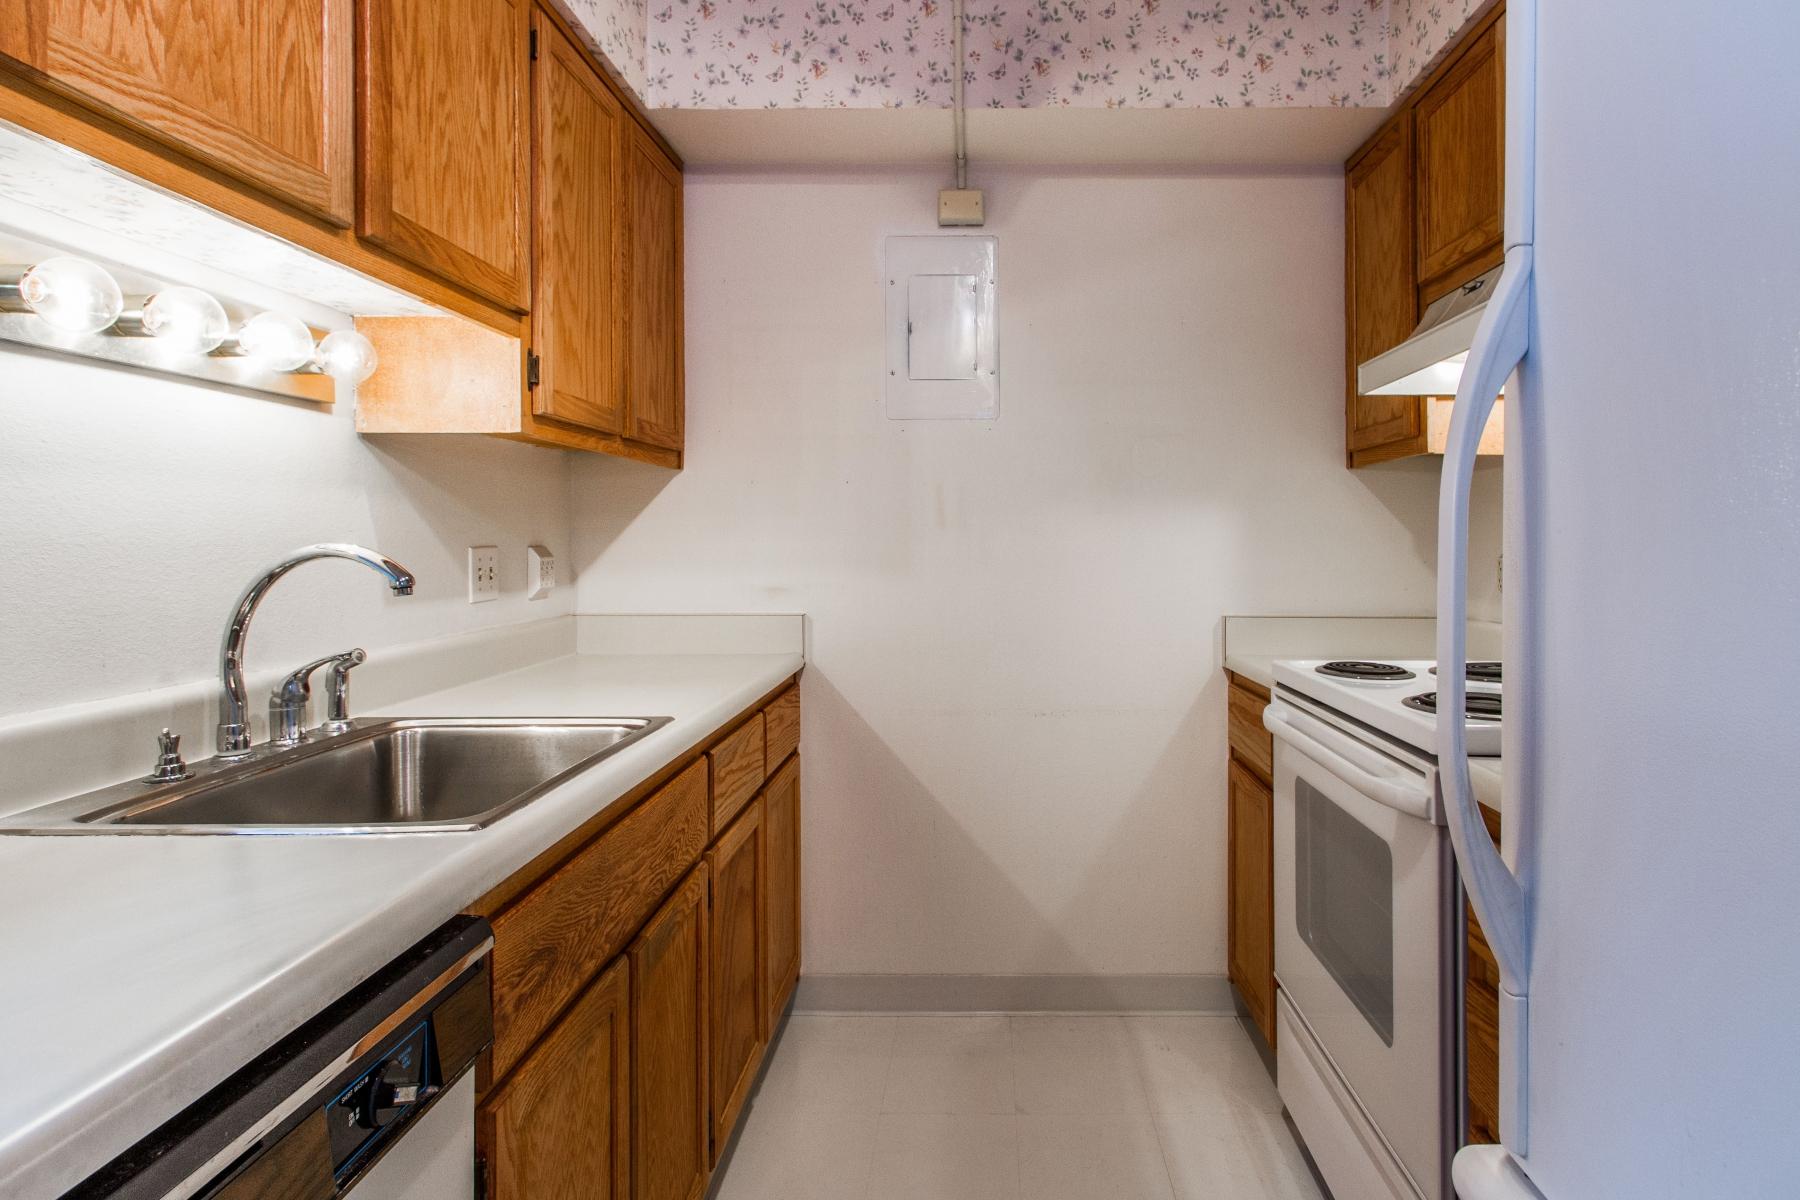 Kitchen_1800x1200_2694142.jpg